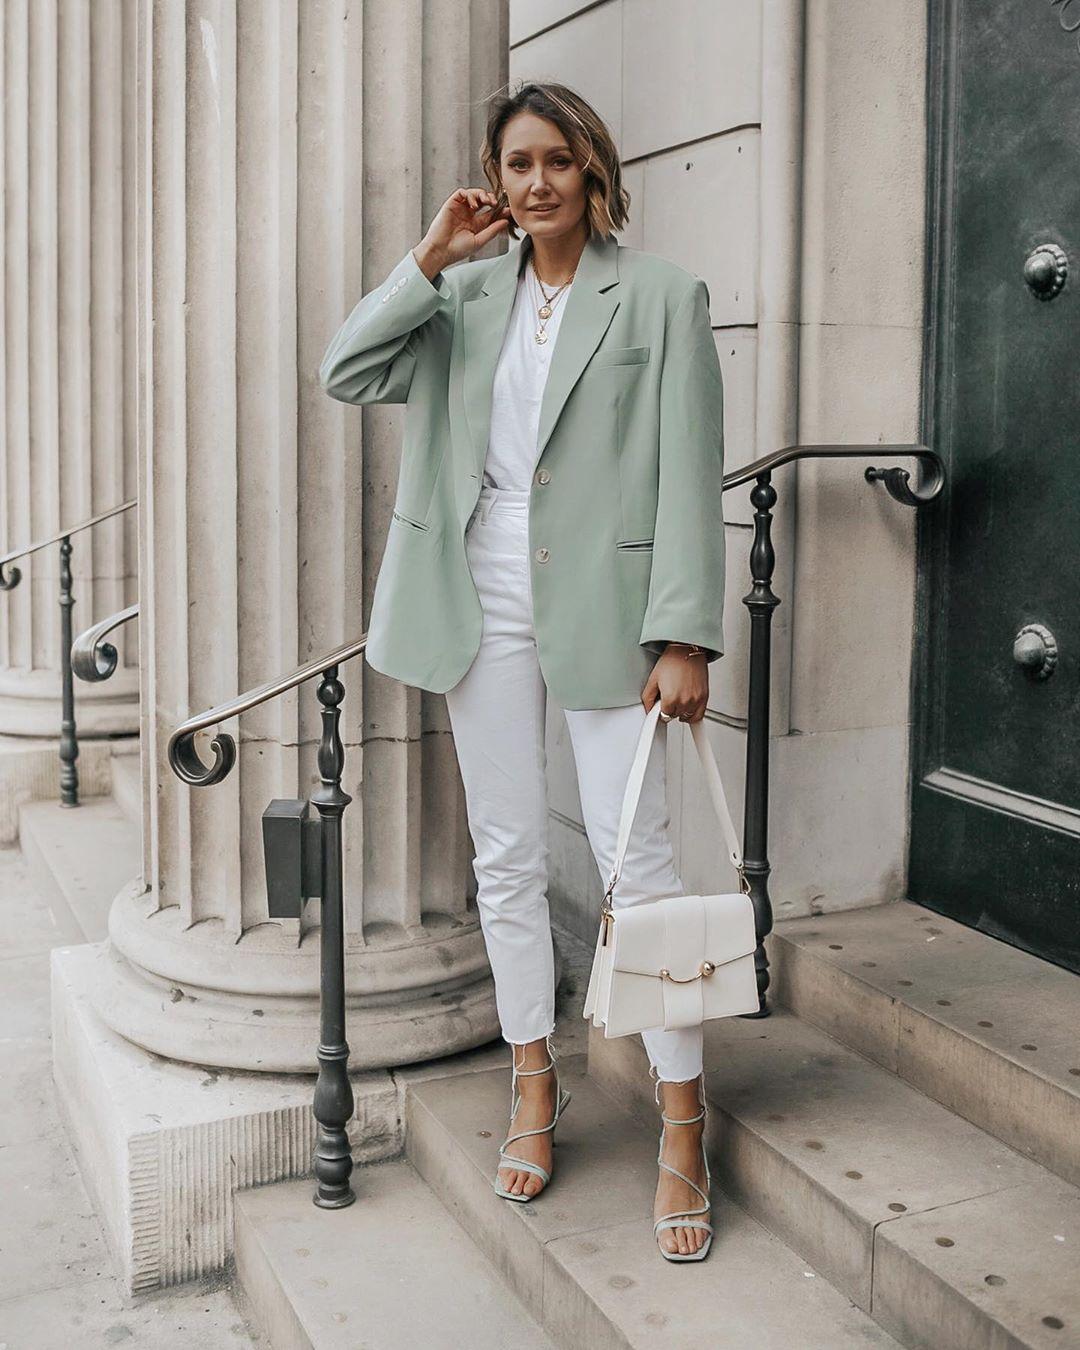 Элегантные образы от модного блогера Жюстин фото7